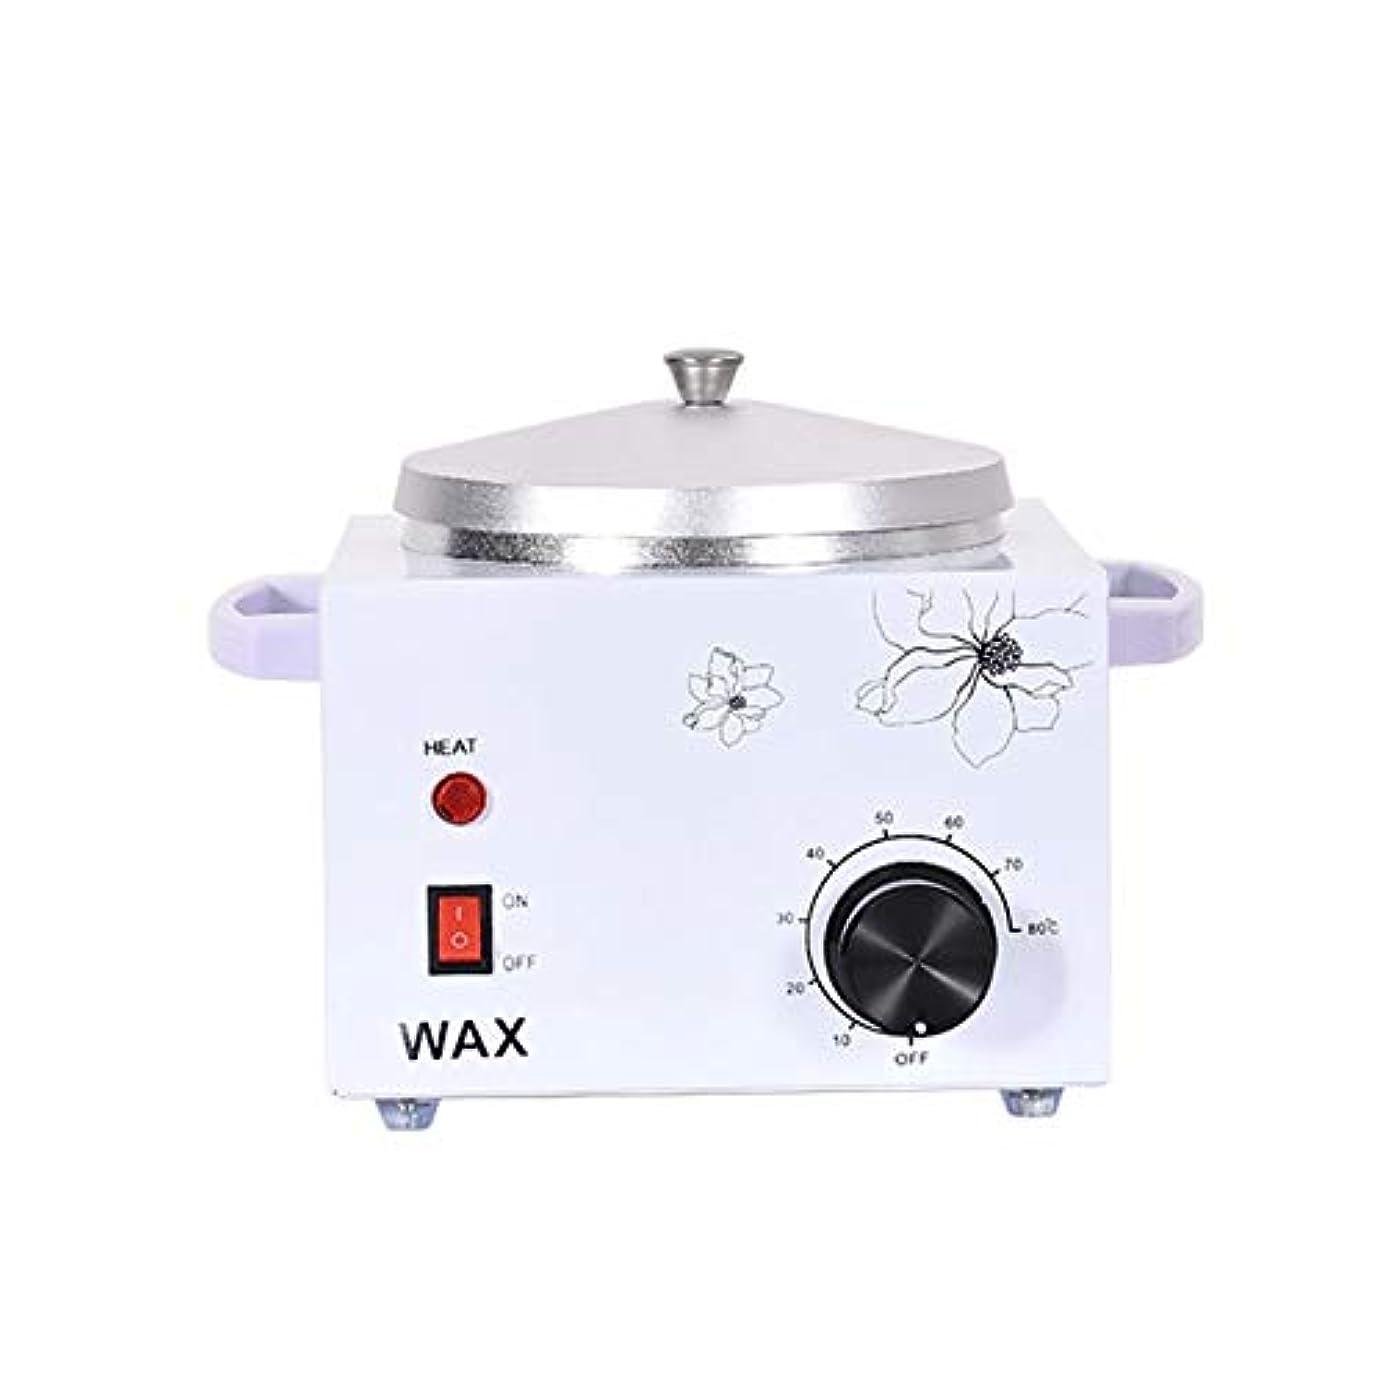 ストリップ書道マカダムプロフェッショナル電気ワックスウォーマーヒーター美容室ワックスポット多機能シングル口の炉内温度制御脱毛脱毛ワックスビーンヒーター600ccの